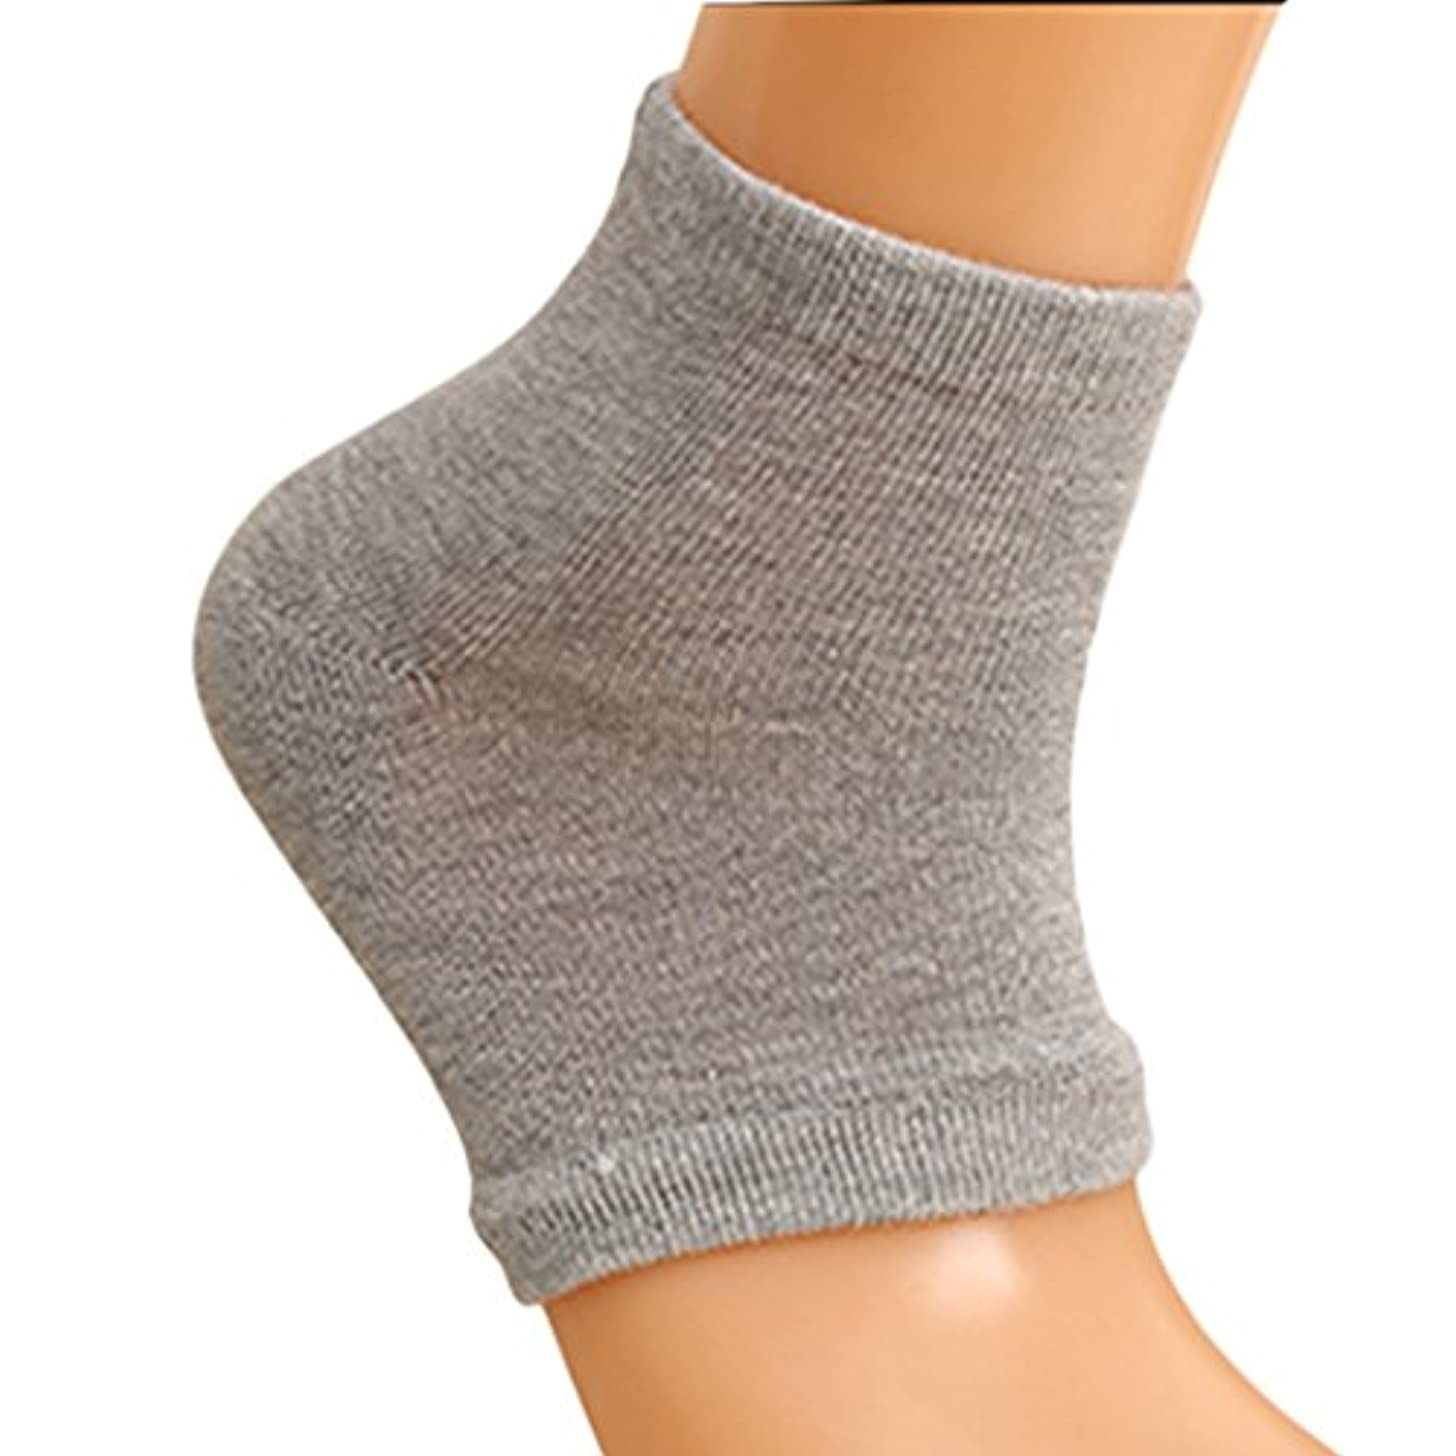 ワイン招待音楽家Seliyi 2色組 靴下 ソックス レディース メンズ 靴下 つるつる 靴下 フットケア かかとケア ひび 角質ケア 保湿 角質除去(ピンク+グレー)